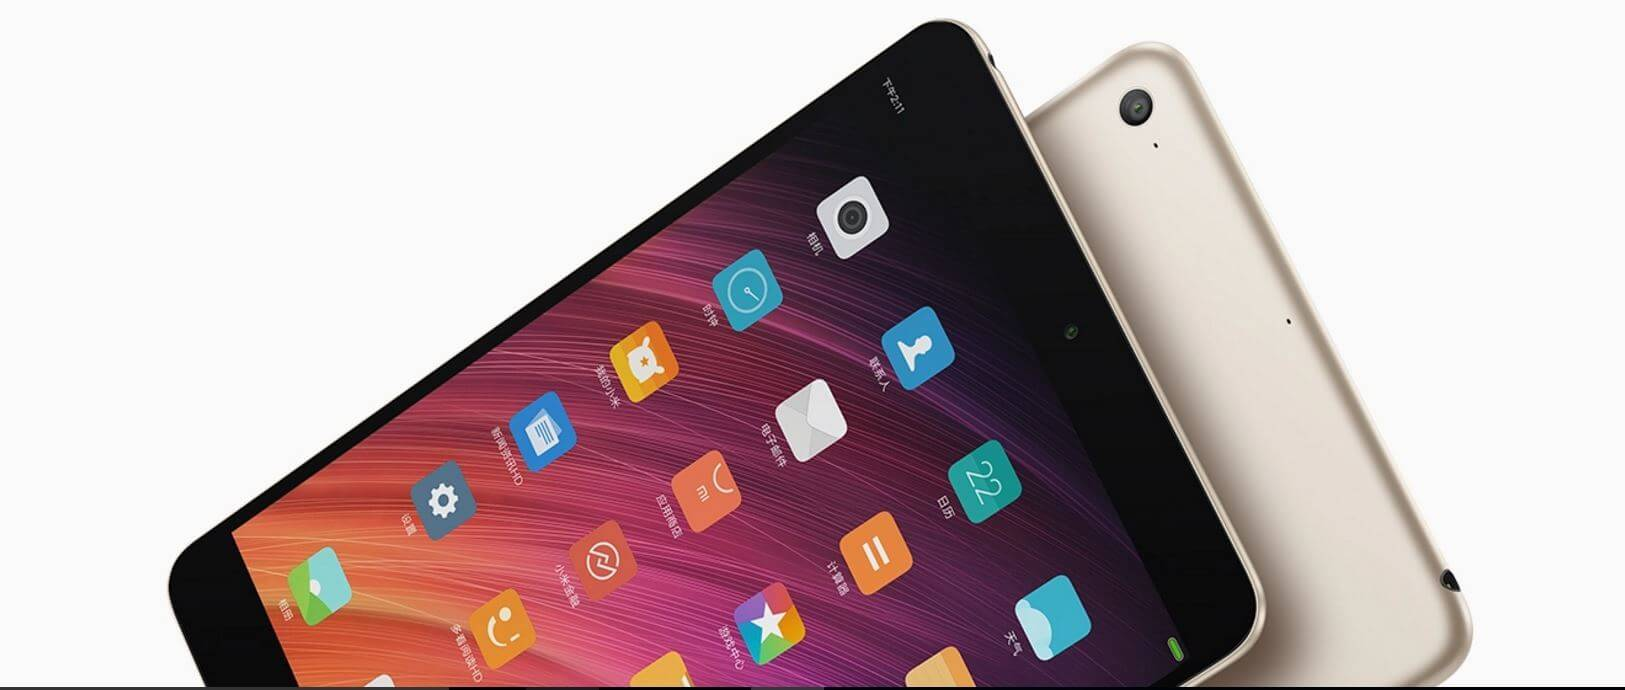 Mi Pad 3, Bild: Xiaomi